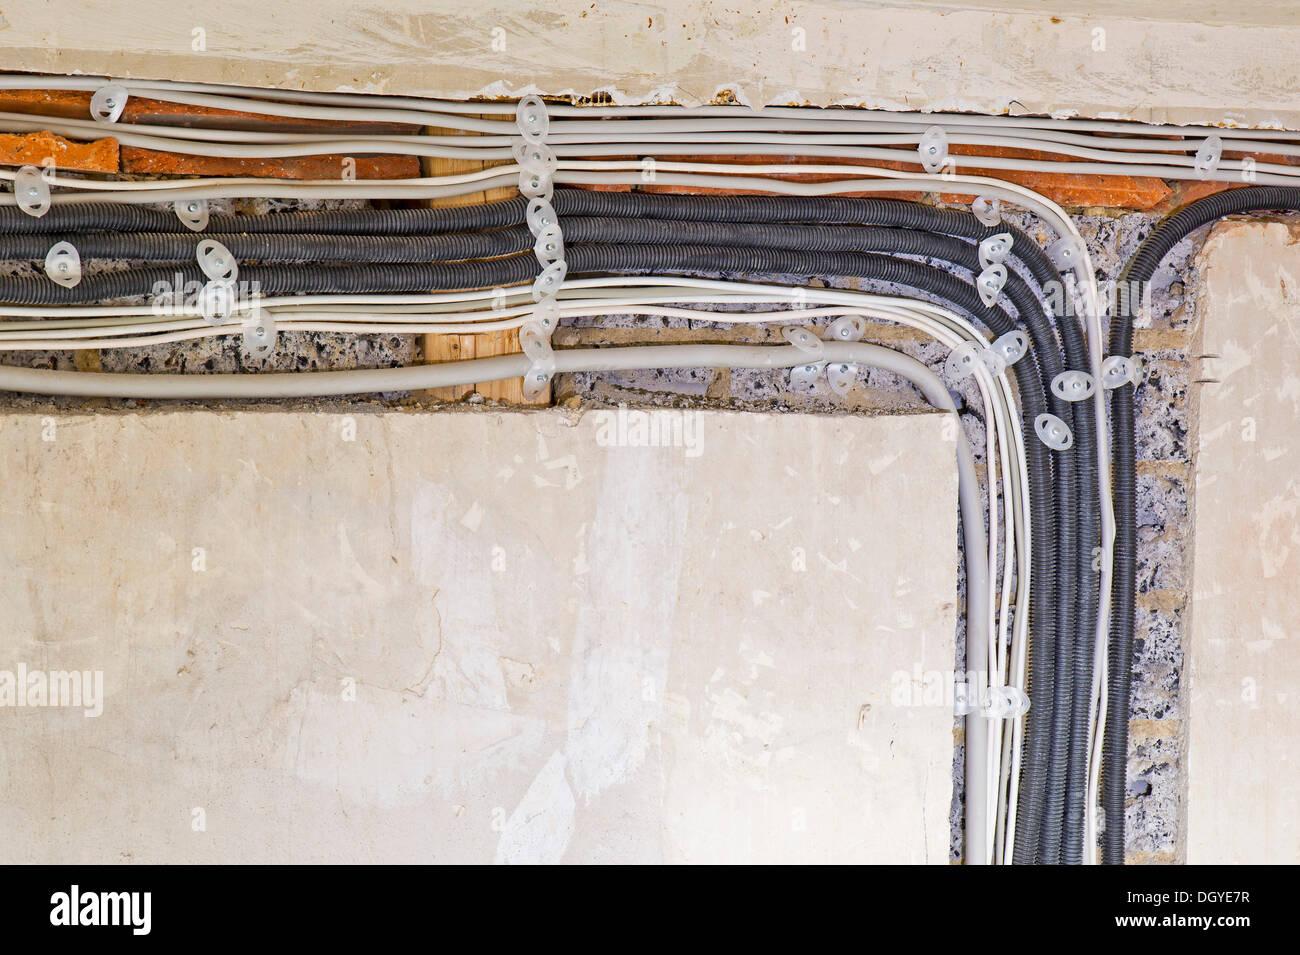 Mehrere Kabel Stockfotos Mehrere Kabel Bilder Alamy